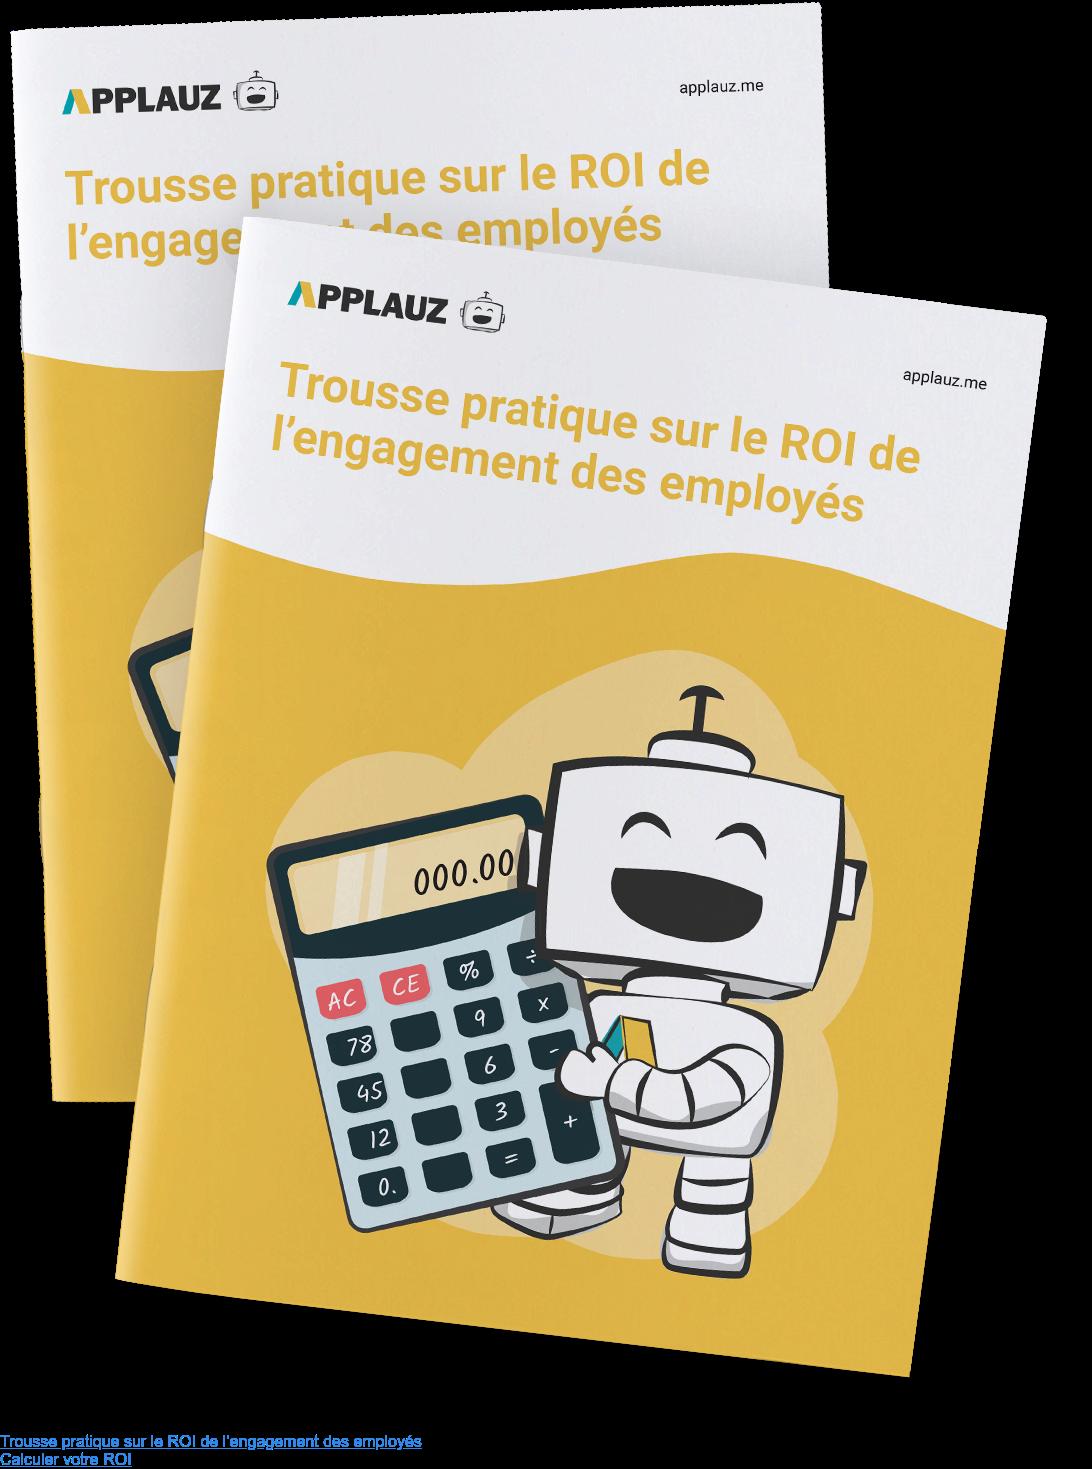 Trousse pratique sur le ROI de l'engagement des employés Calculer votre ROI